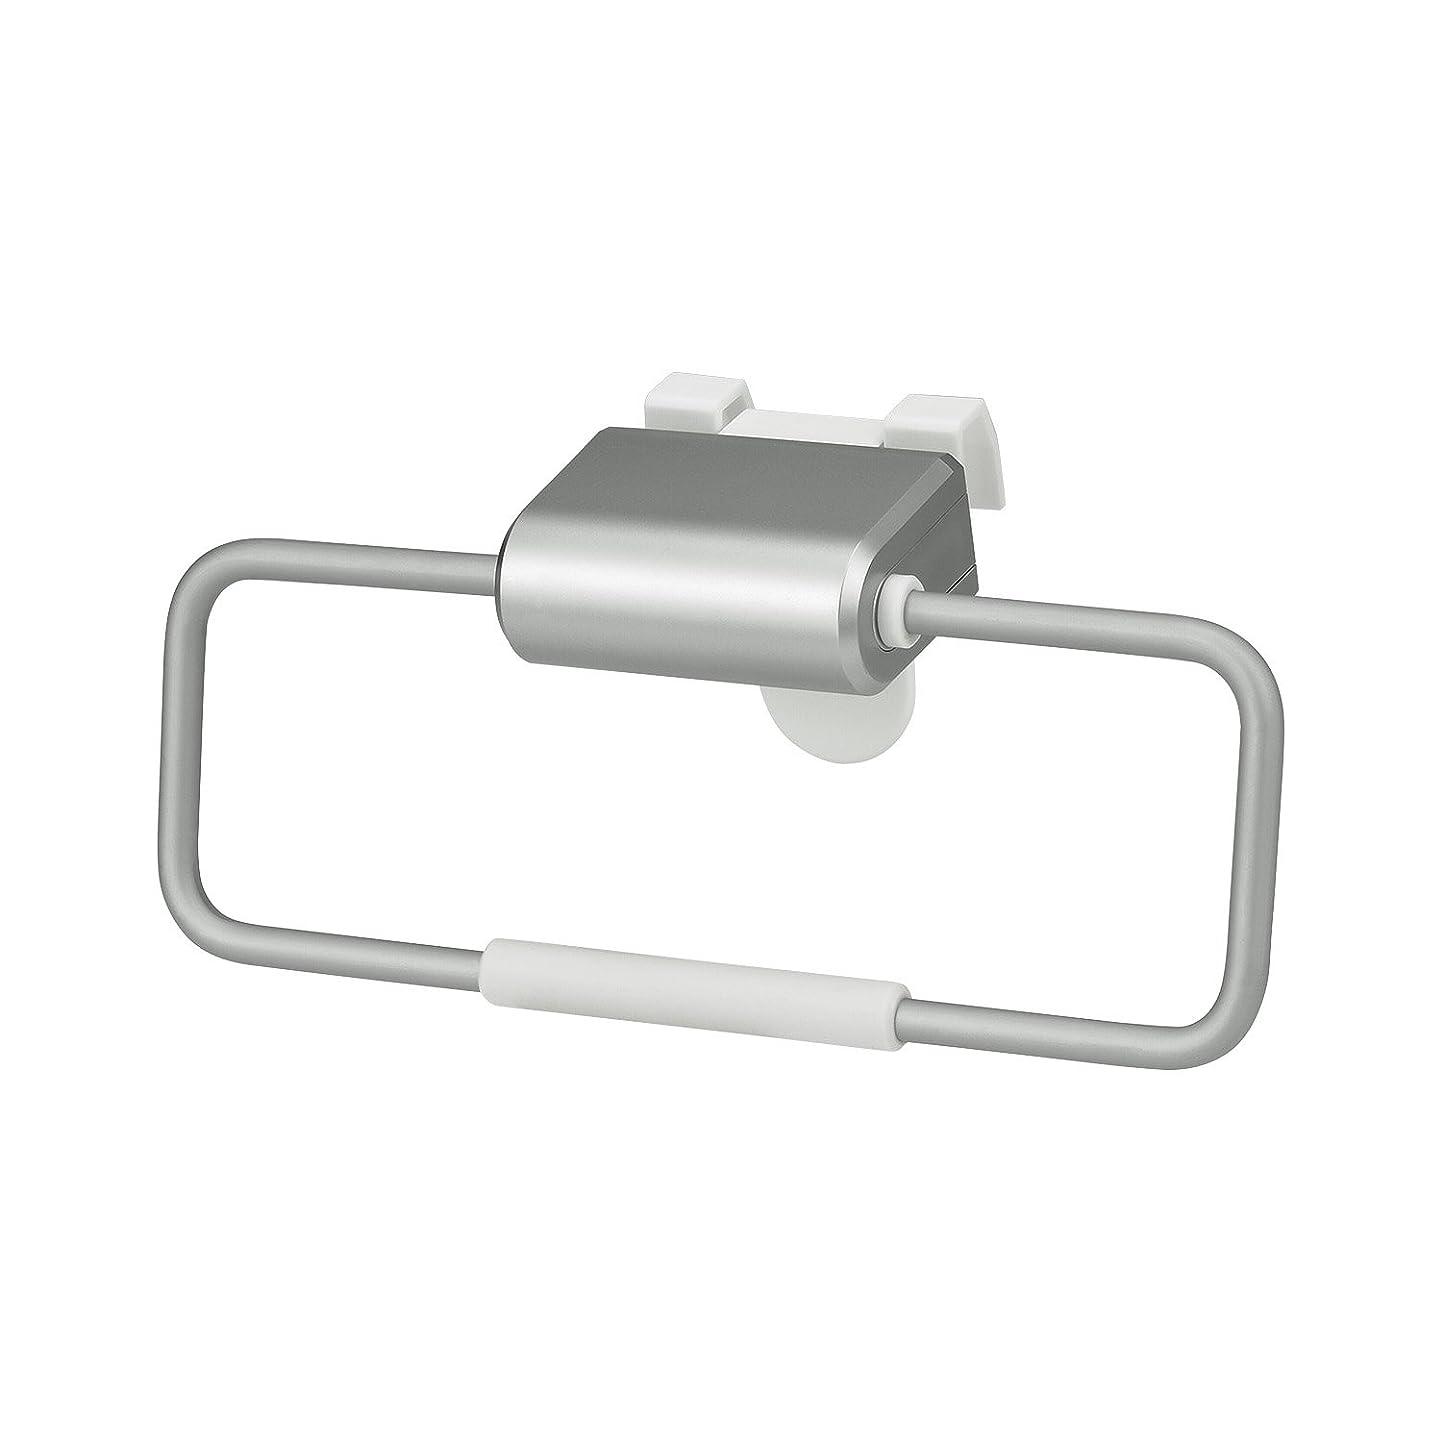 レック SG ライン取っ手対応 ドア用 タオルリング ( 引っ掛け取付け ) KK-193